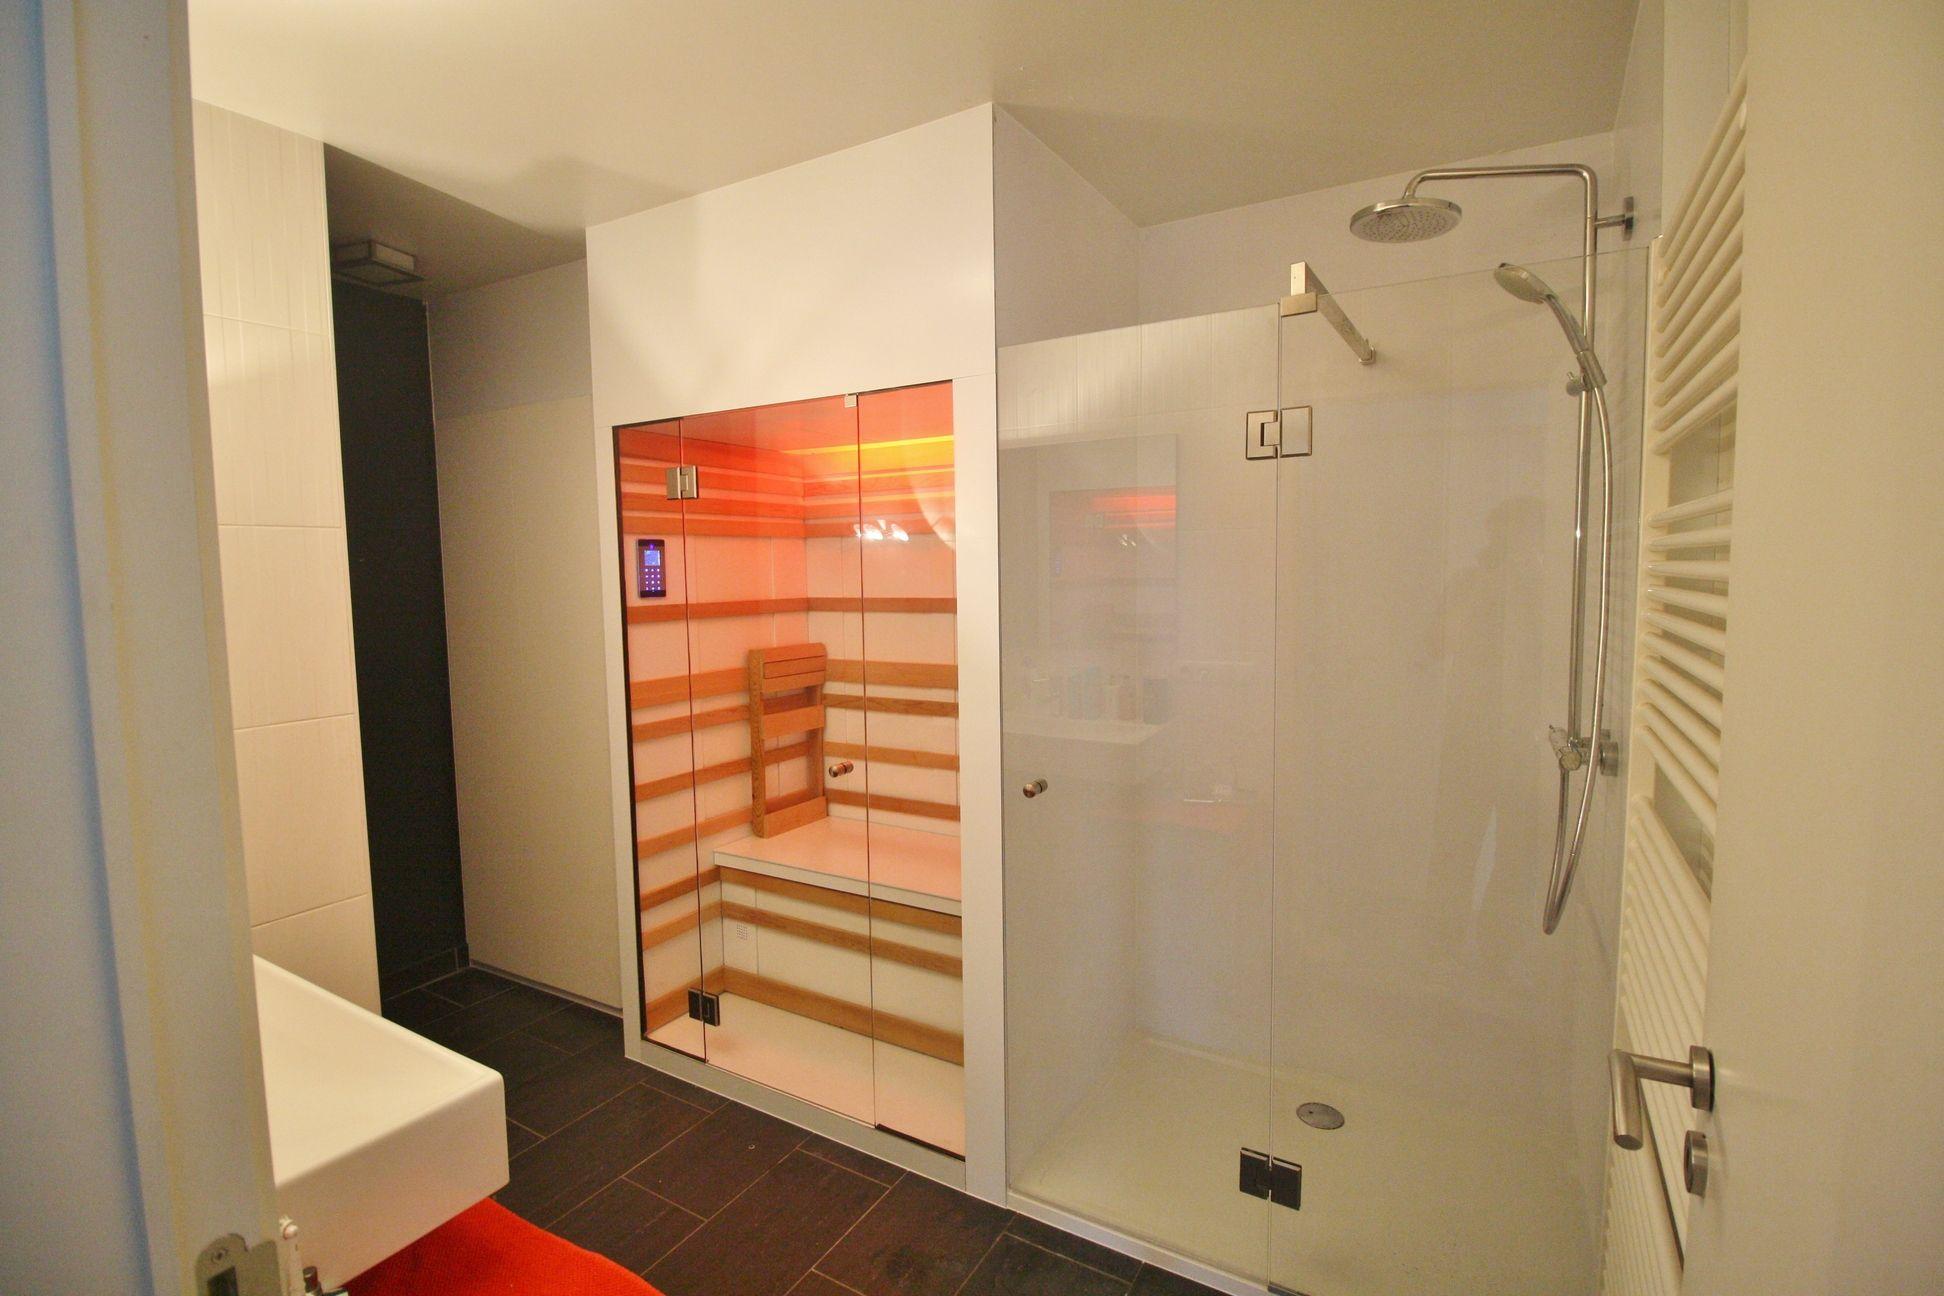 infrarood sauna in badkamer - Google zoeken | DIY home | Pinterest ...